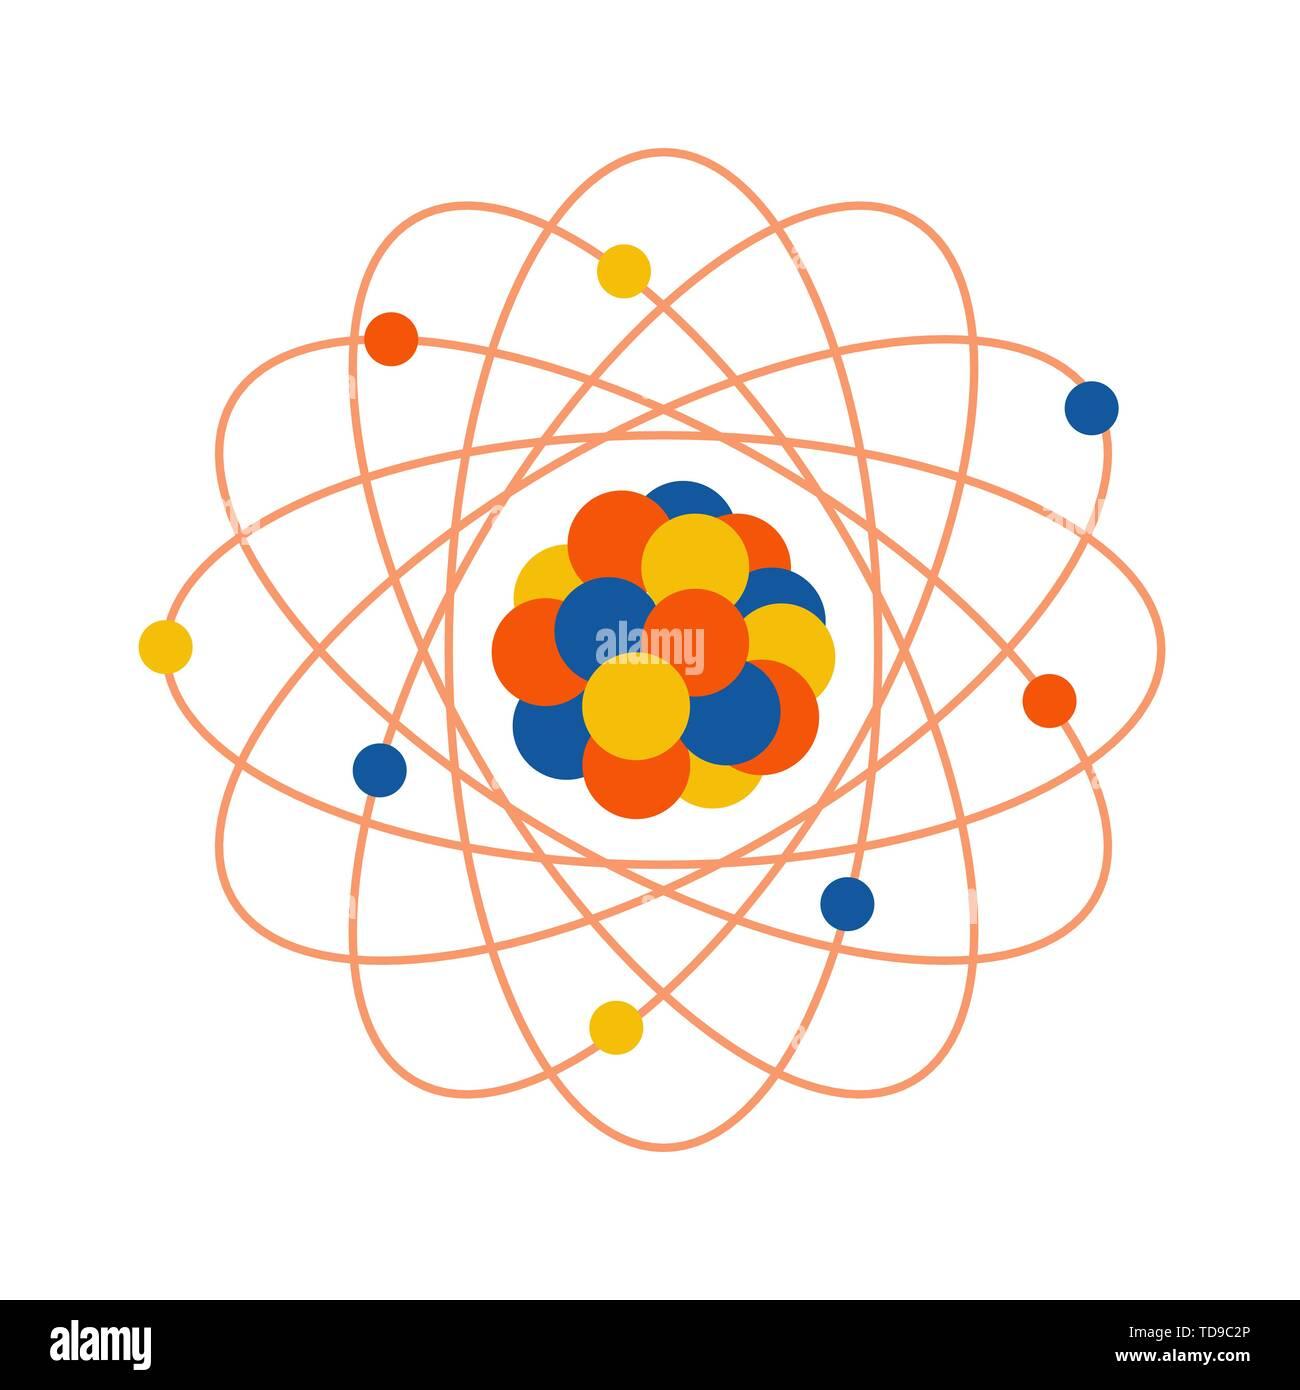 Ilustración Vectorial Con Estructura Atómica Imprimir Con